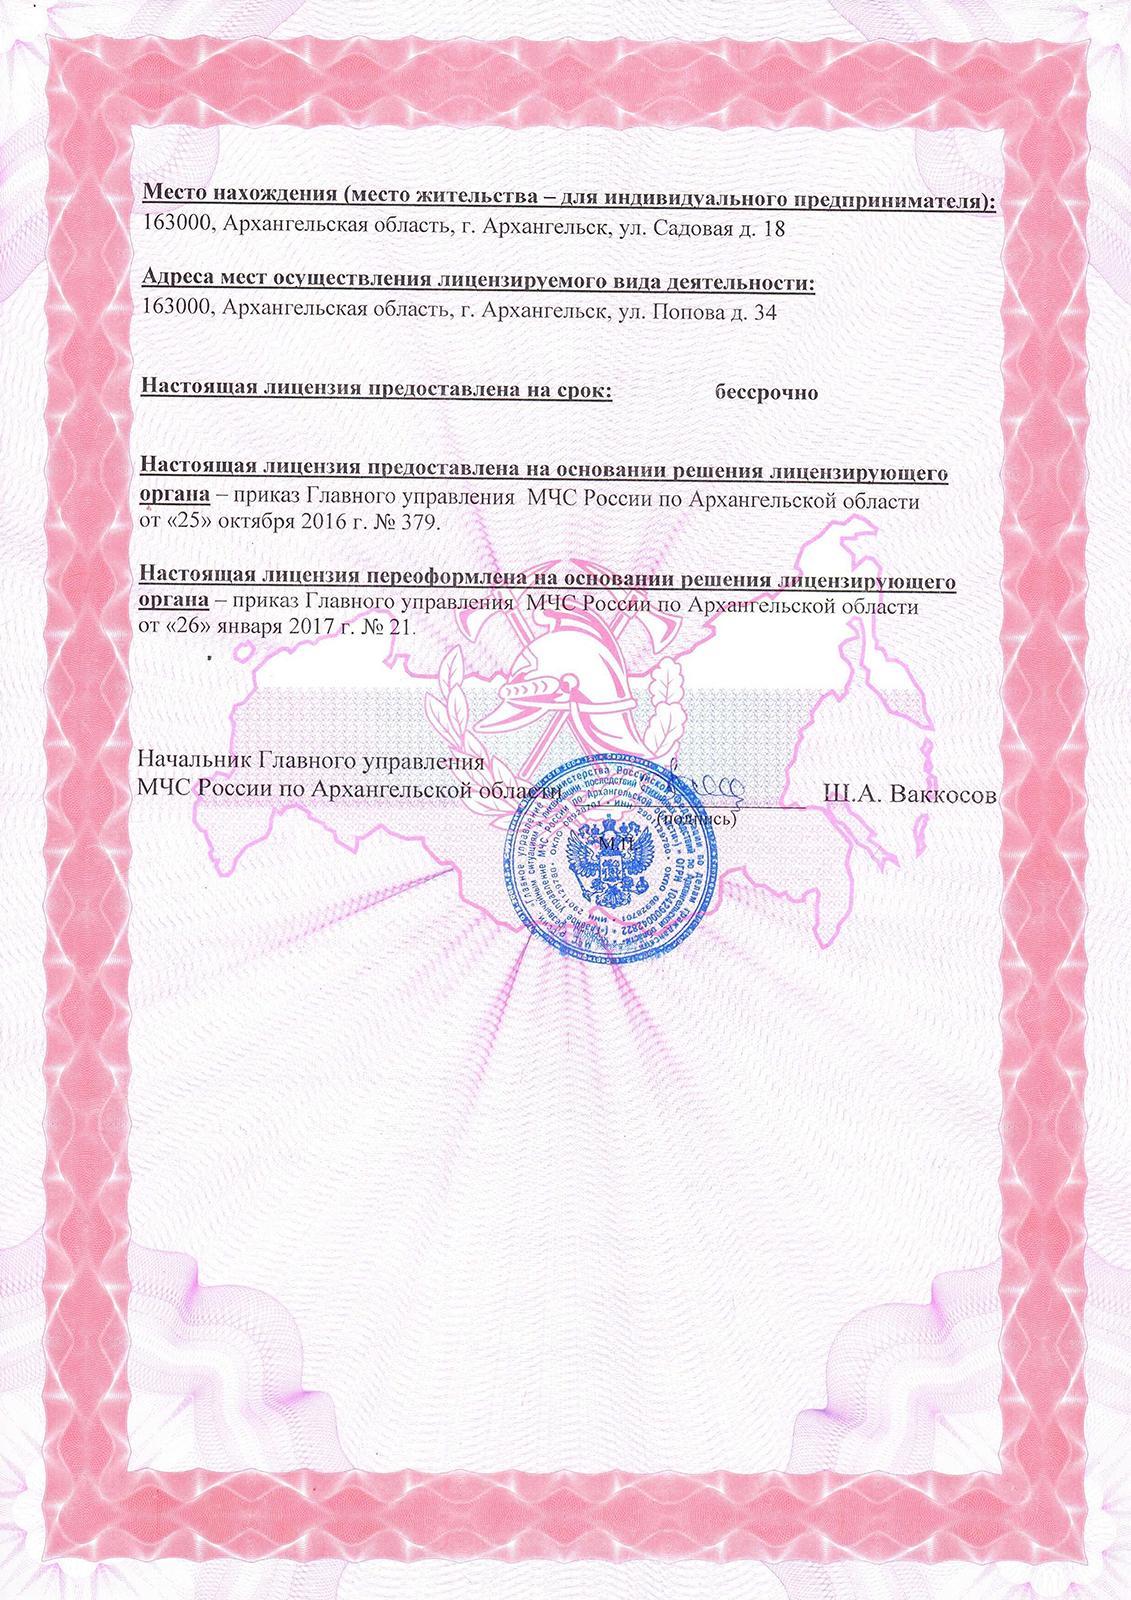 Лицензия на осуществление деятельности по монтажу, техническому обслуживанию и ремонту средств пожарной безопасности зданий и сооружений (оборотная сторона)